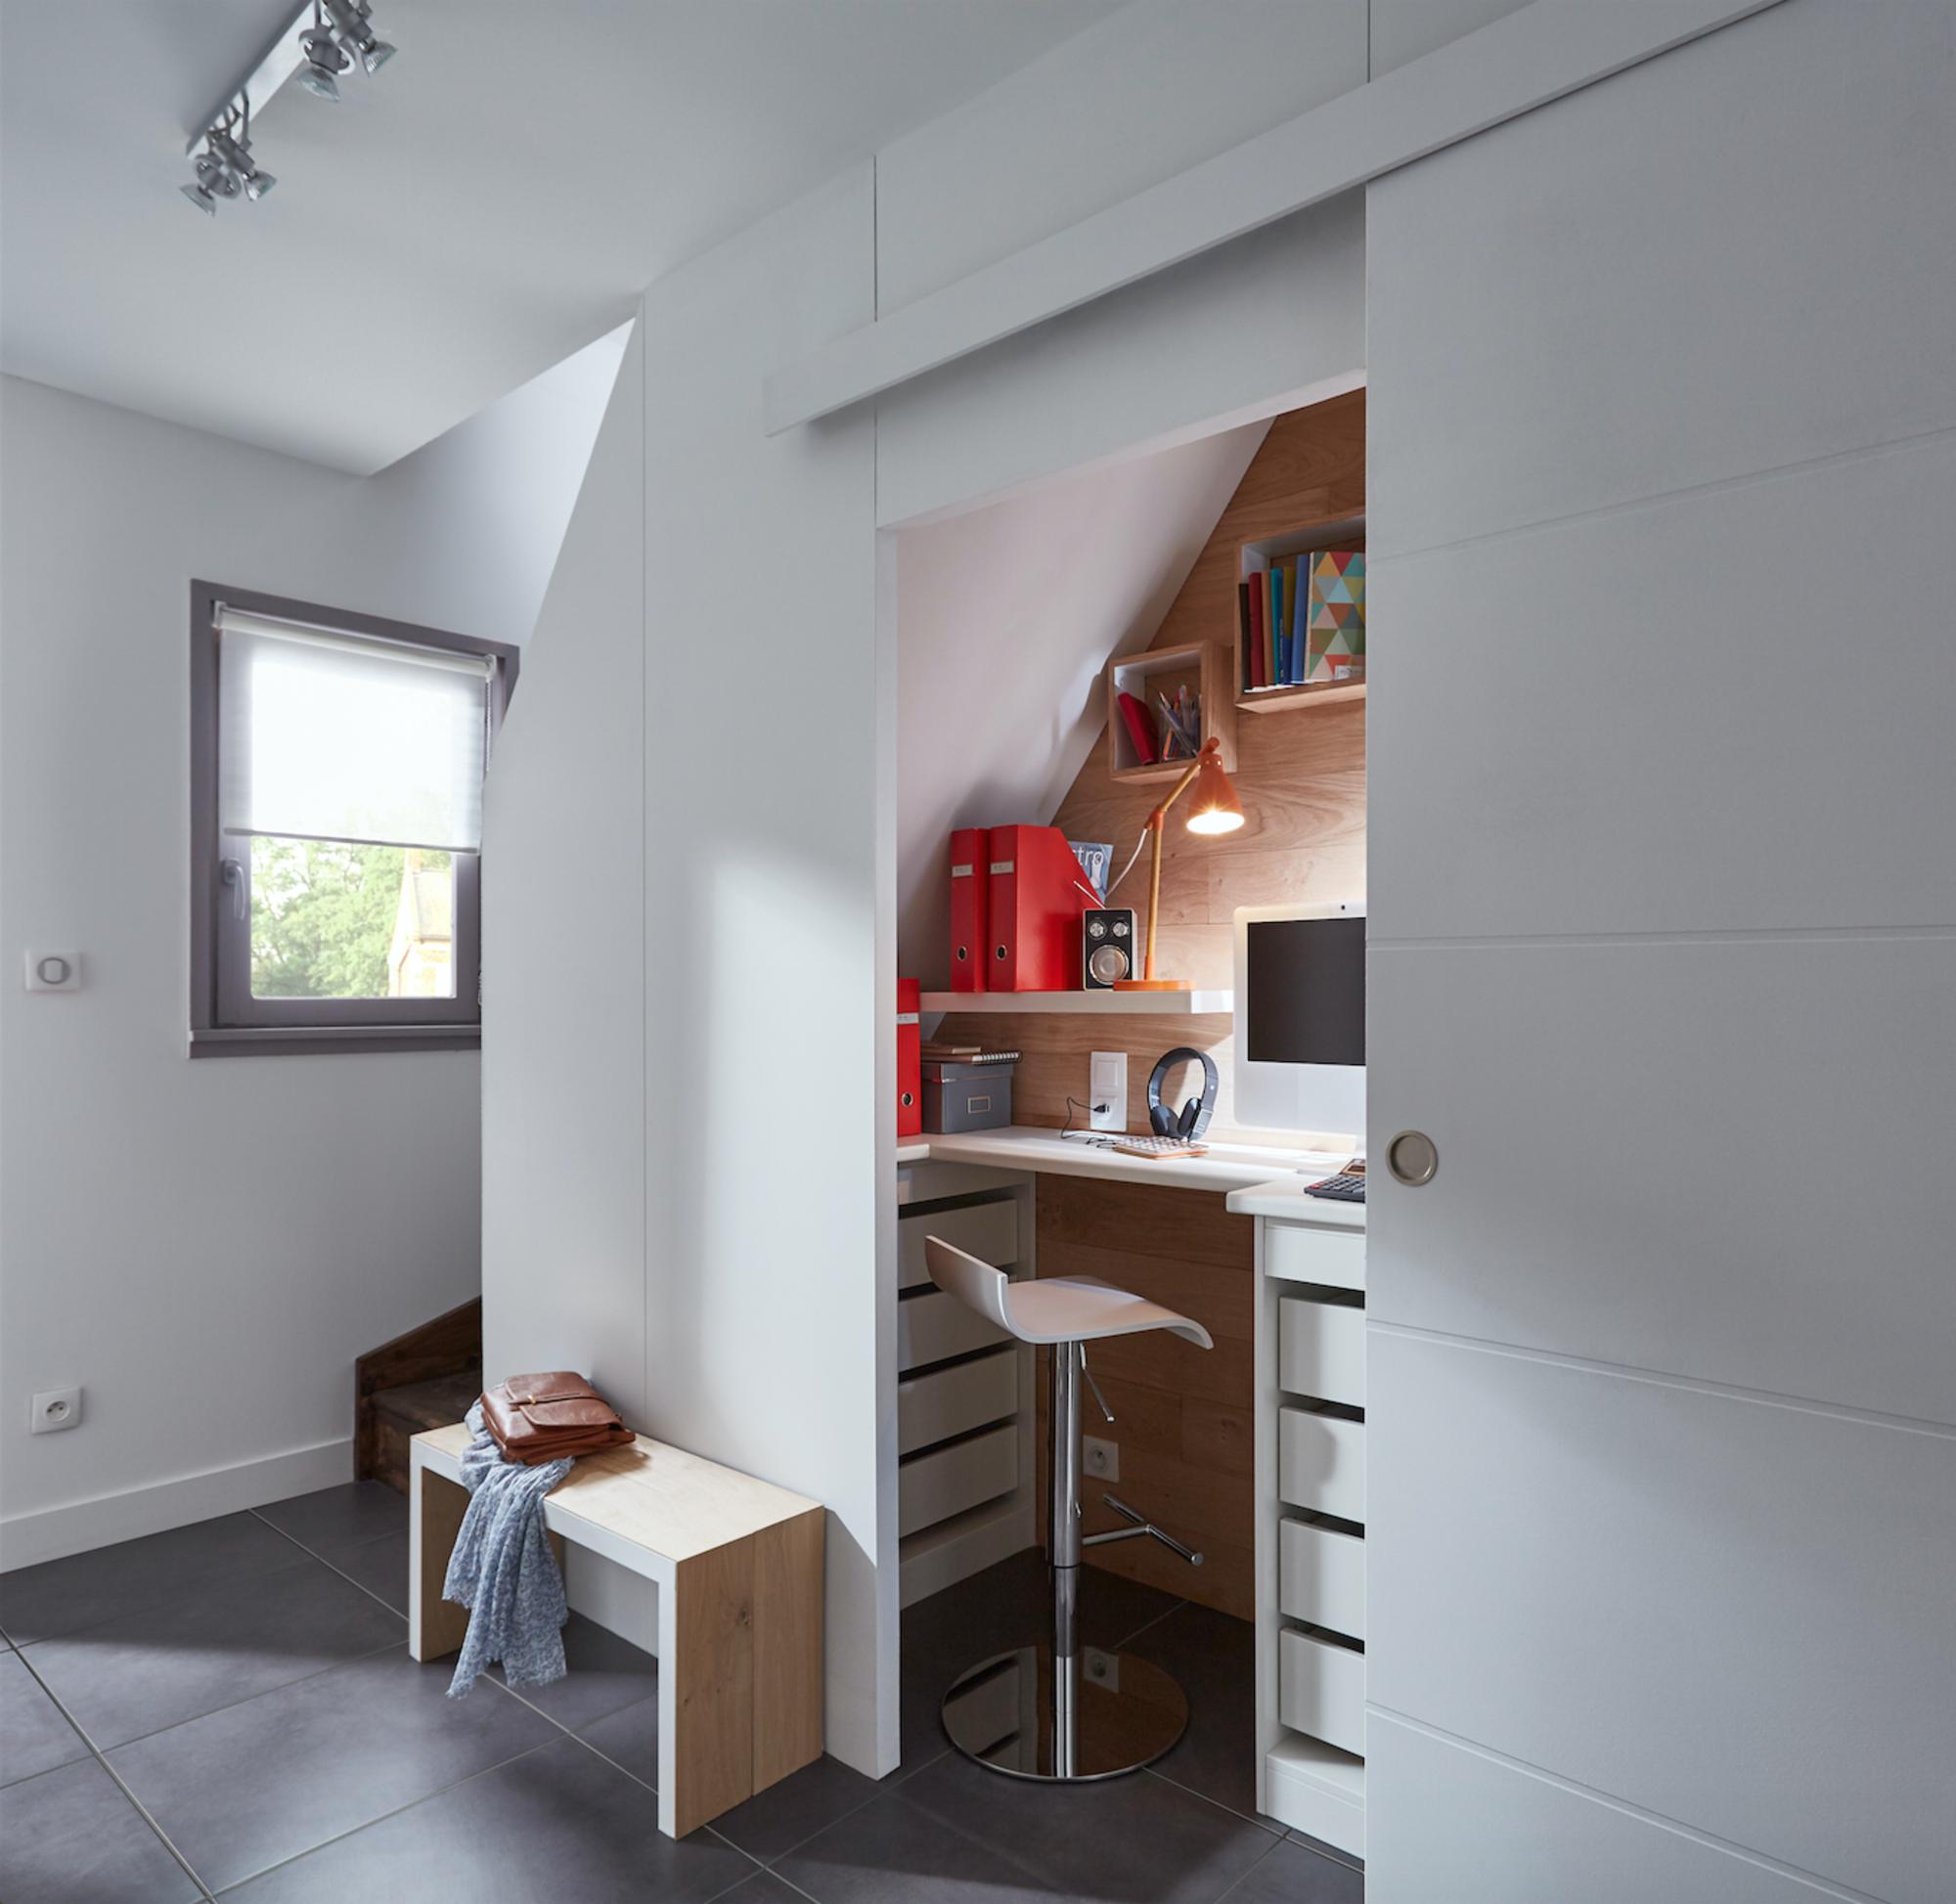 rangement documents maison amazing rangement maison with. Black Bedroom Furniture Sets. Home Design Ideas